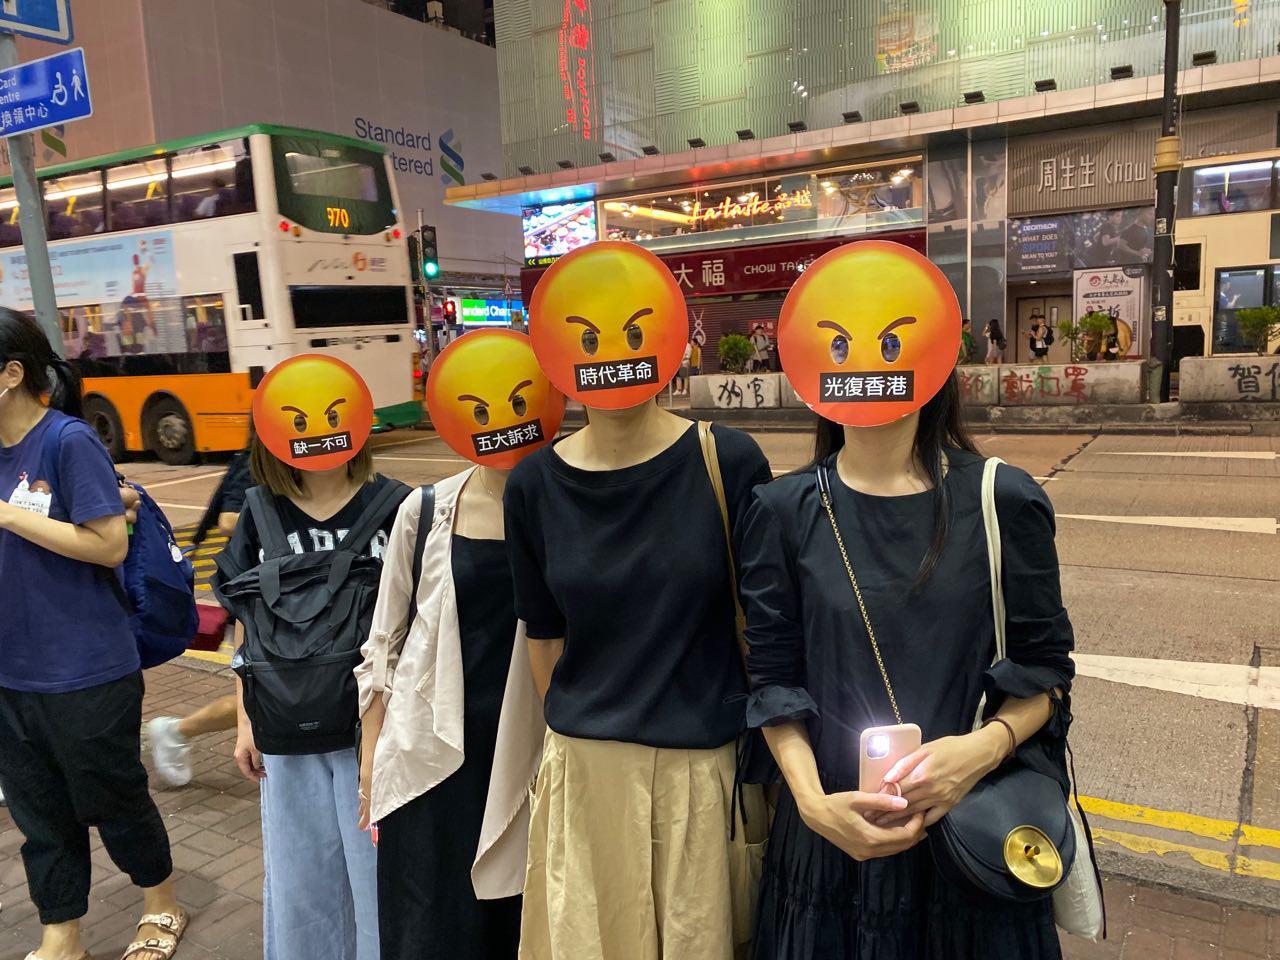 香港高等法院2019年11月18日裁定,《緊急法》在「危害公安」的情況下使用,屬違反《基本法》,而《禁蒙面法》對基本權利的限制超乎合理需要,也屬違憲。圖為10月18日晚上,旺角蒙面人鏈。(駱亞/大紀元)